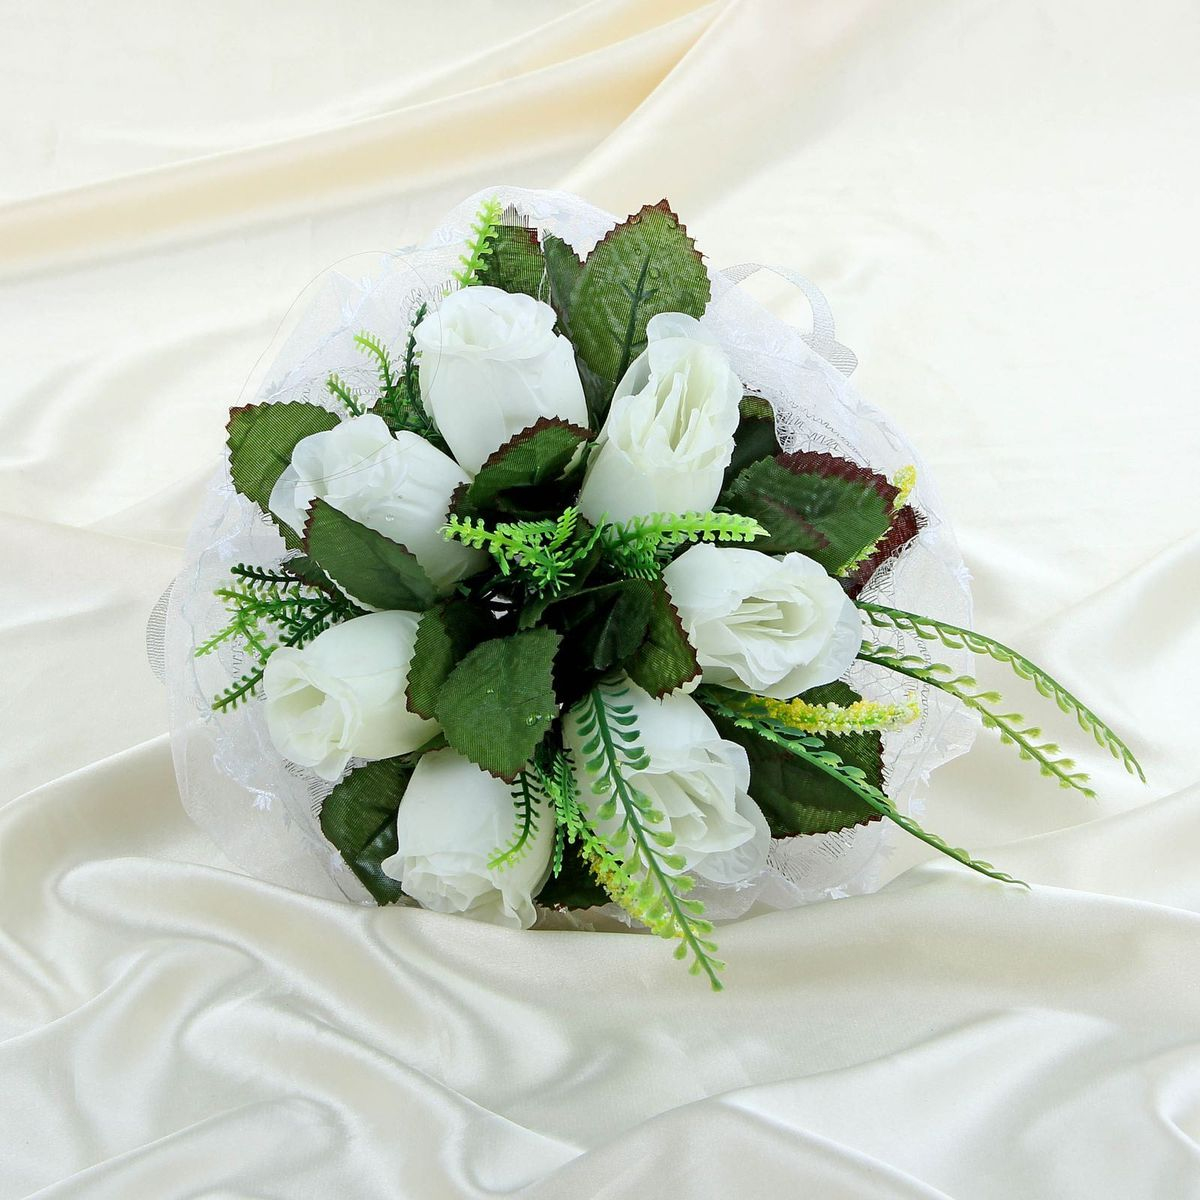 Букет-дублер Sima-land, цвет: белый. 1120322NLED-454-9W-BKТрадиция кидать букет невесты на свадьбе зародилась совсем недавно, но является одним из самых долгожданных моментов праздника. Для многих незамужних подружек – поймать букет на свадьбе – шанс осуществления заветной мечты.Современные невесты всё чаще используют для этого ритуала бутафорские букеты из искусственных материалов. Они легче, дешевле и точно не смогут рассыпаться в полете.